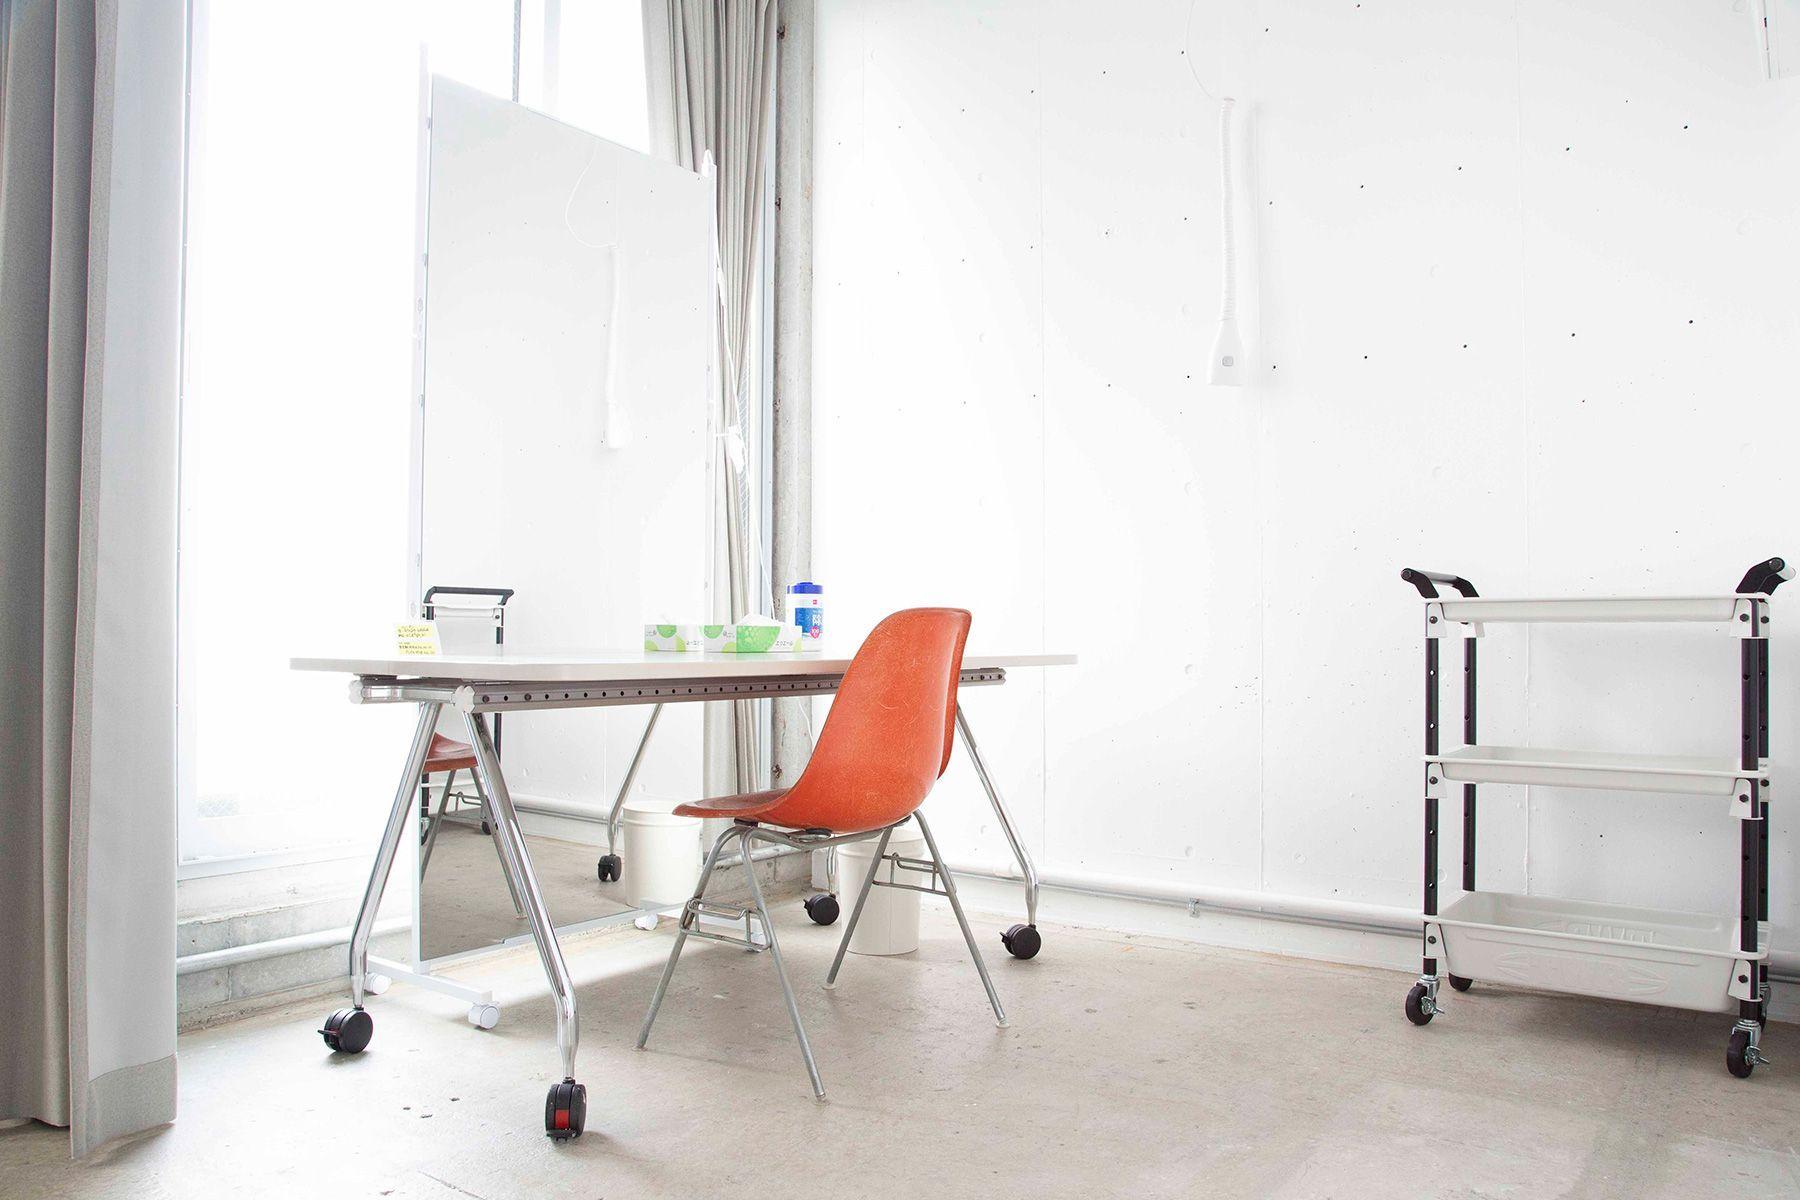 STUDIO LAILA (スタジオ ライラ)コンクリート床と白床の2パターン